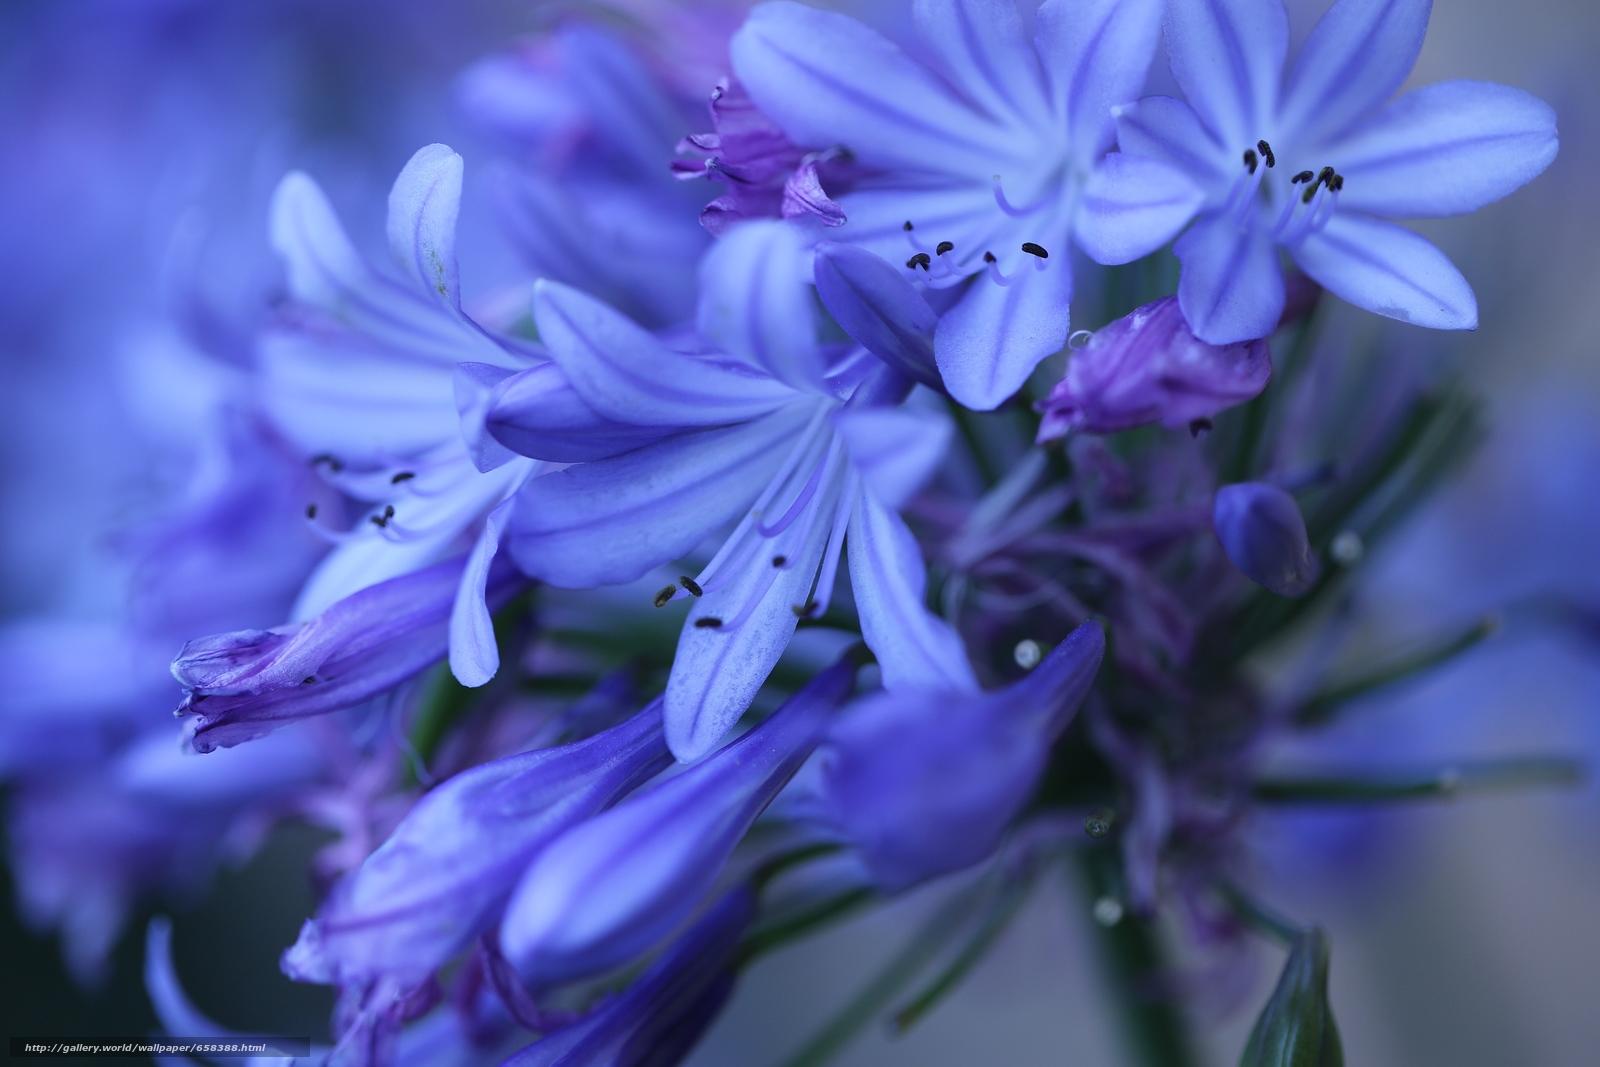 Скачать обои цветок,  цветы,  флора бесплатно для рабочего стола в разрешении 3840x2560 — картинка №658388